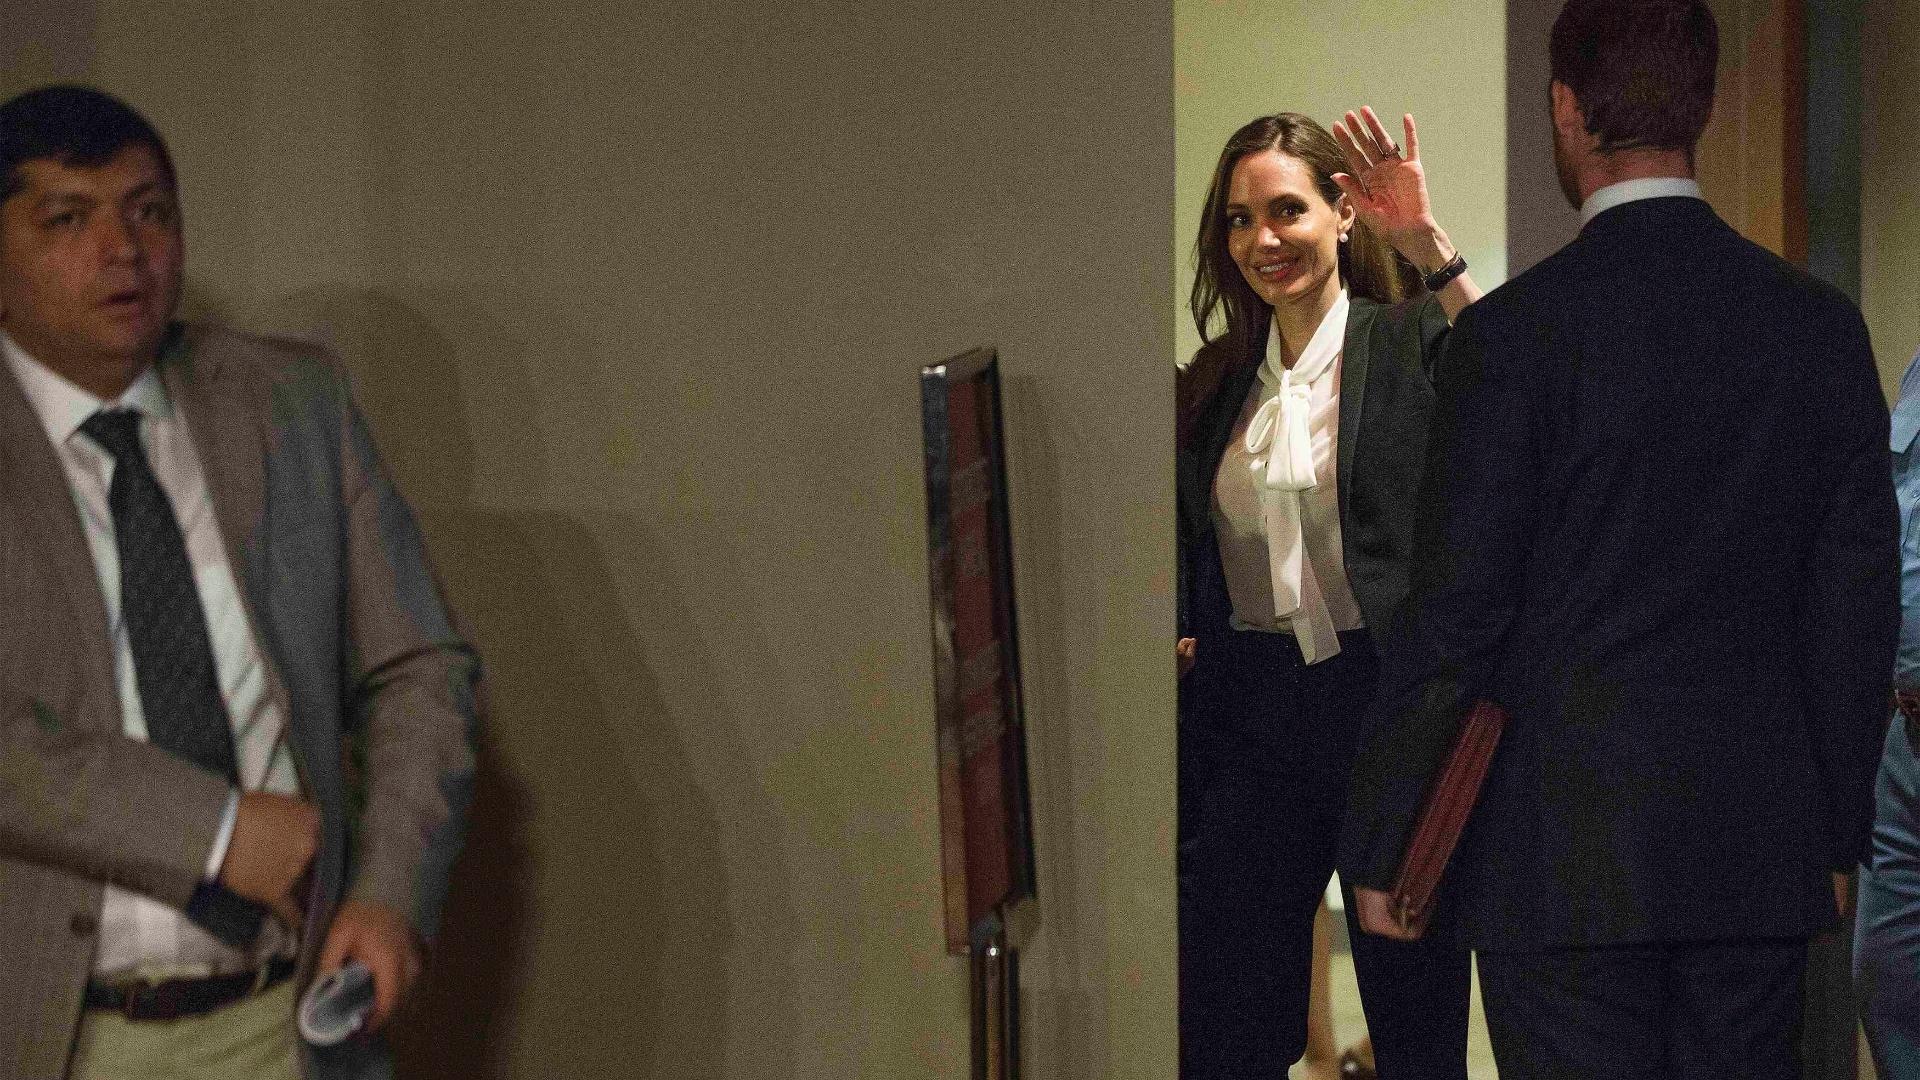 24.jun.2013 - A atriz Angelina Jolie, que é enviada especial do Alto Comissariado da ONU para Refugiados, chega a reunião do Conselho de Segurança